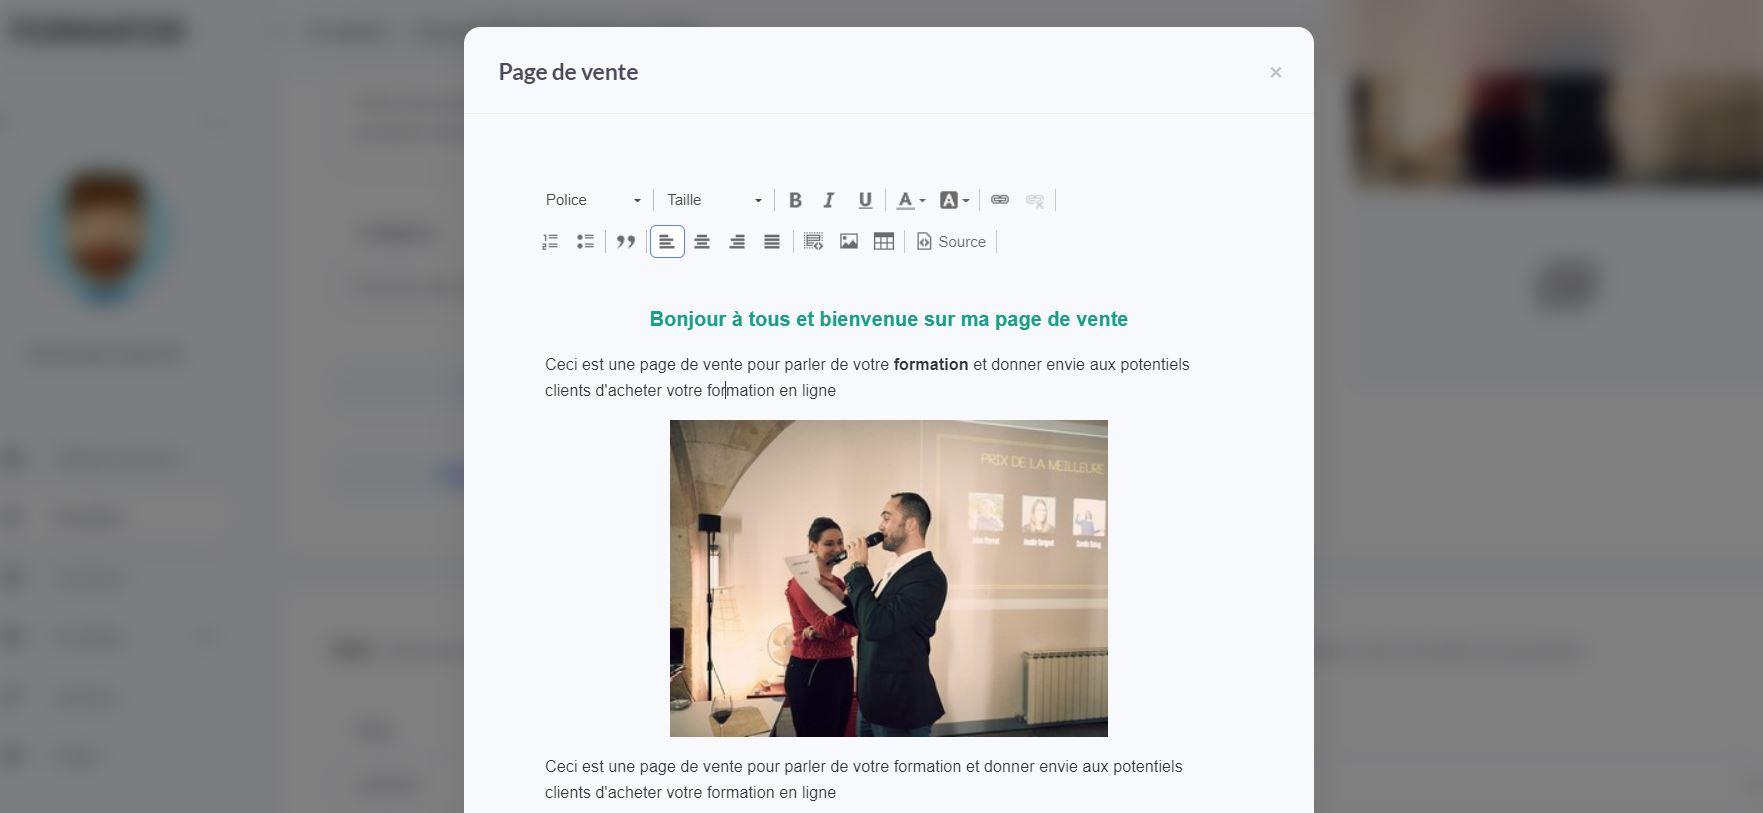 page-de-vente-tutoriel-formator-io